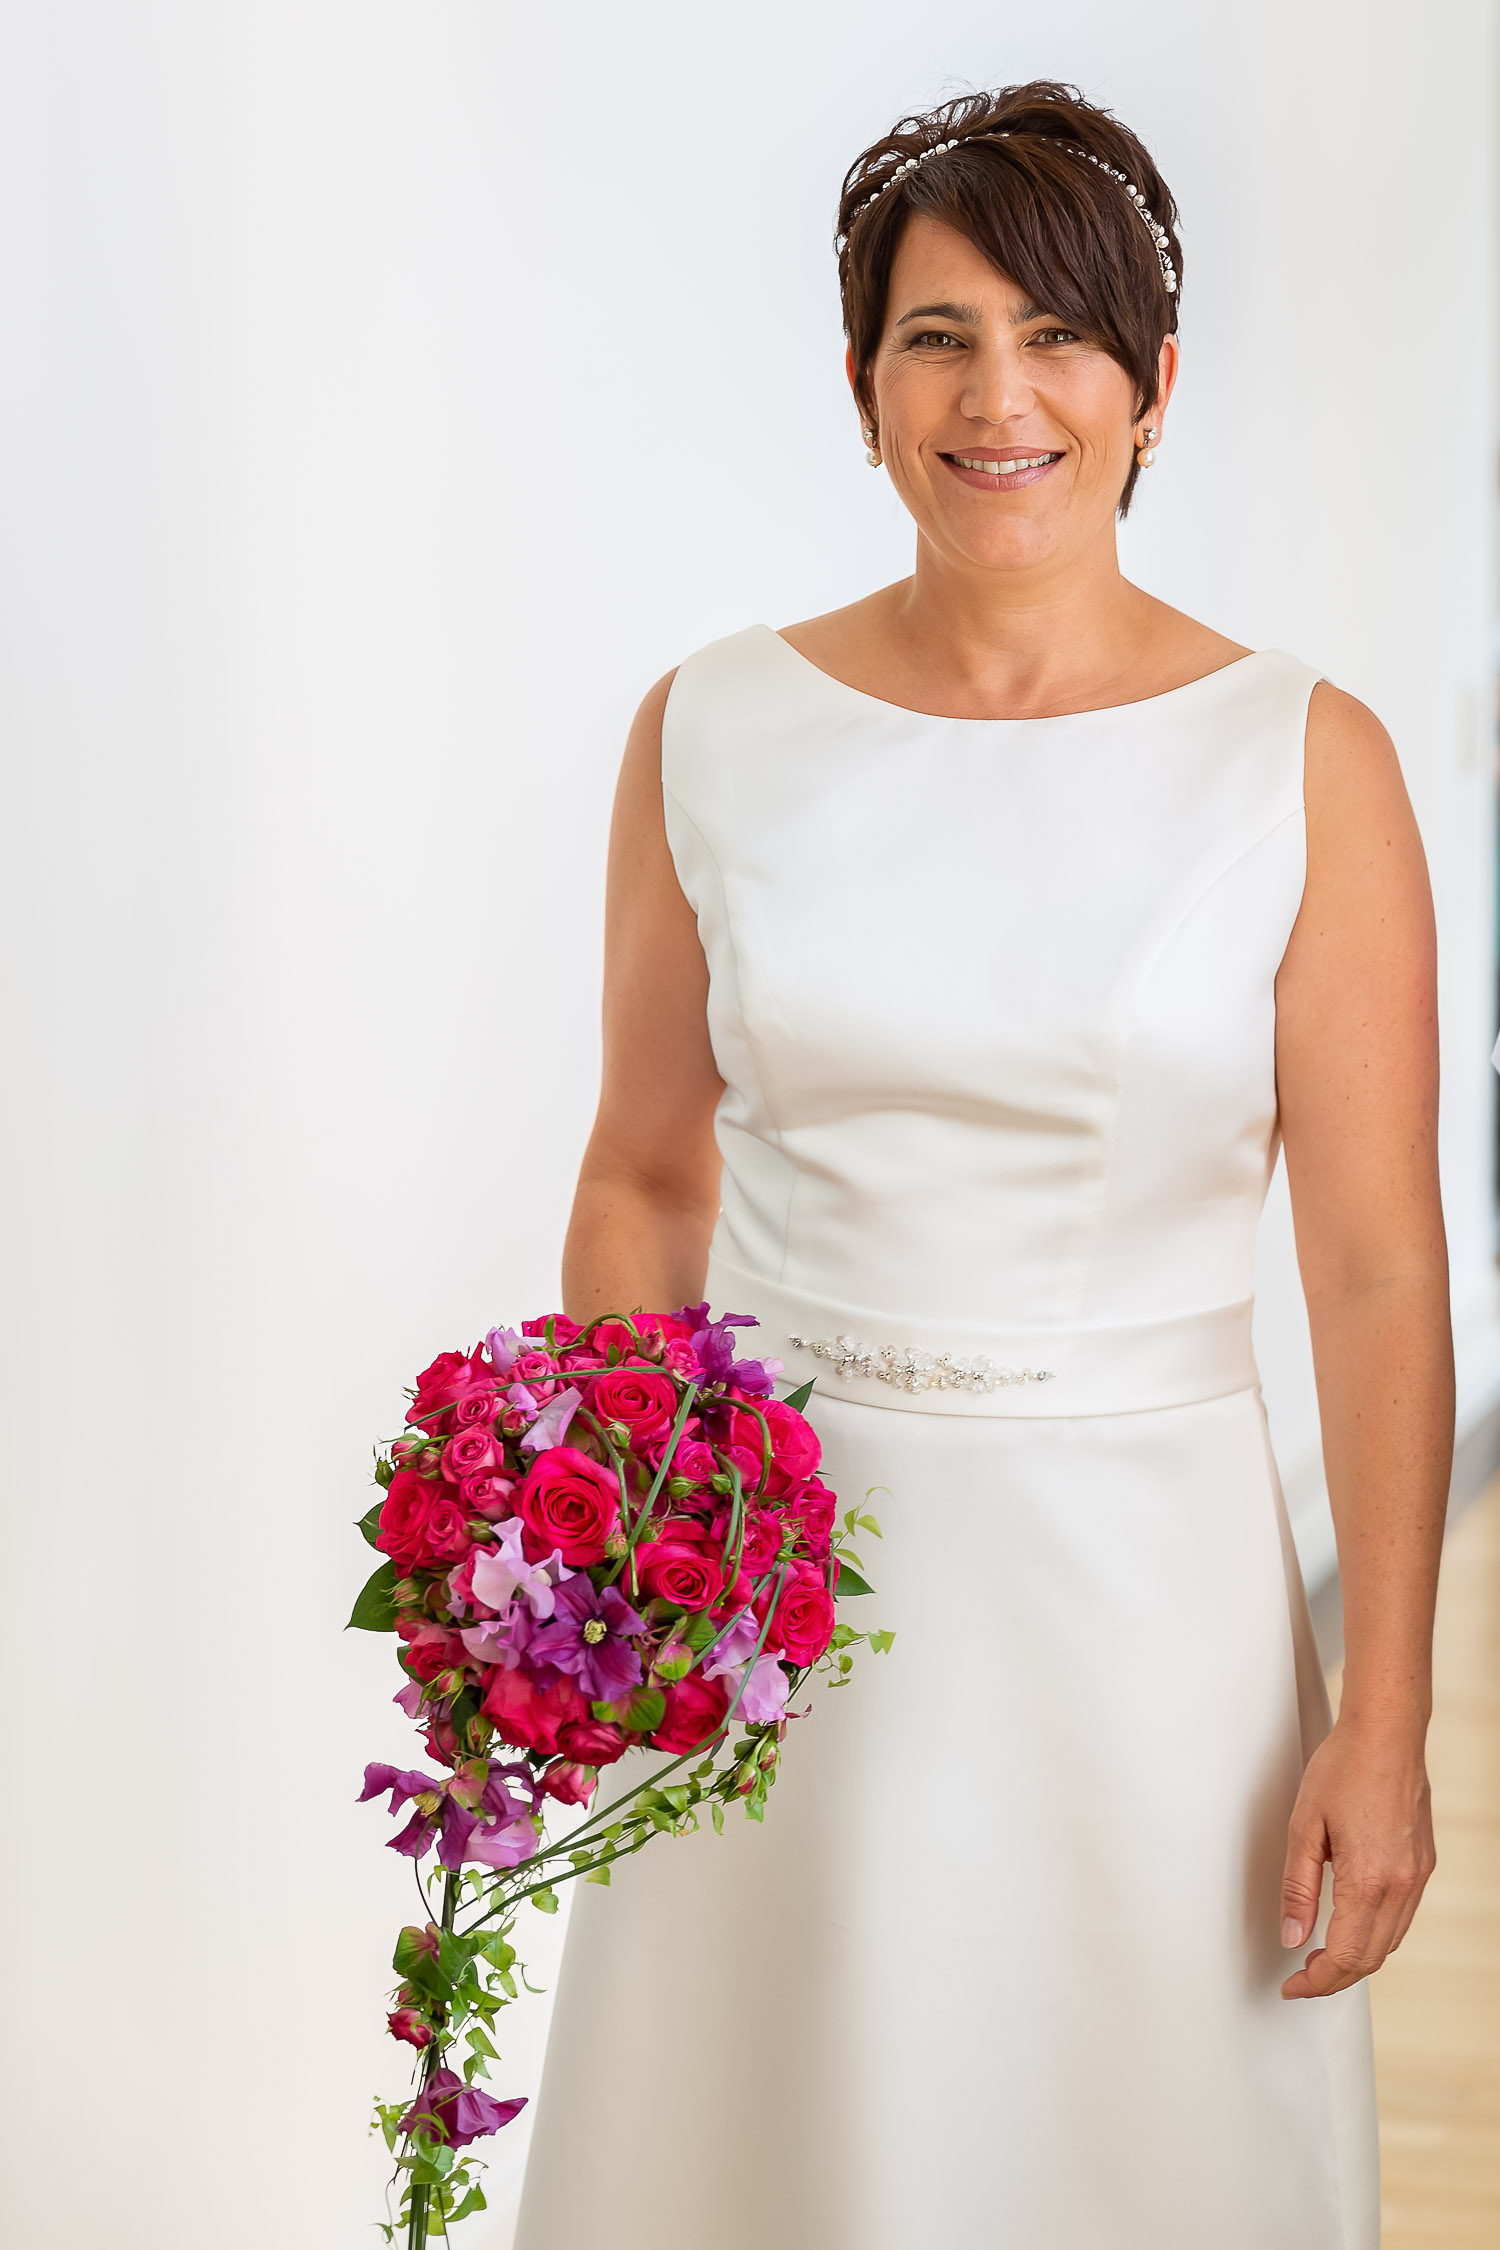 Bride with flower, Schloss Weilerbach, Hochzeit, Wedding, Andrea Schenke Photography